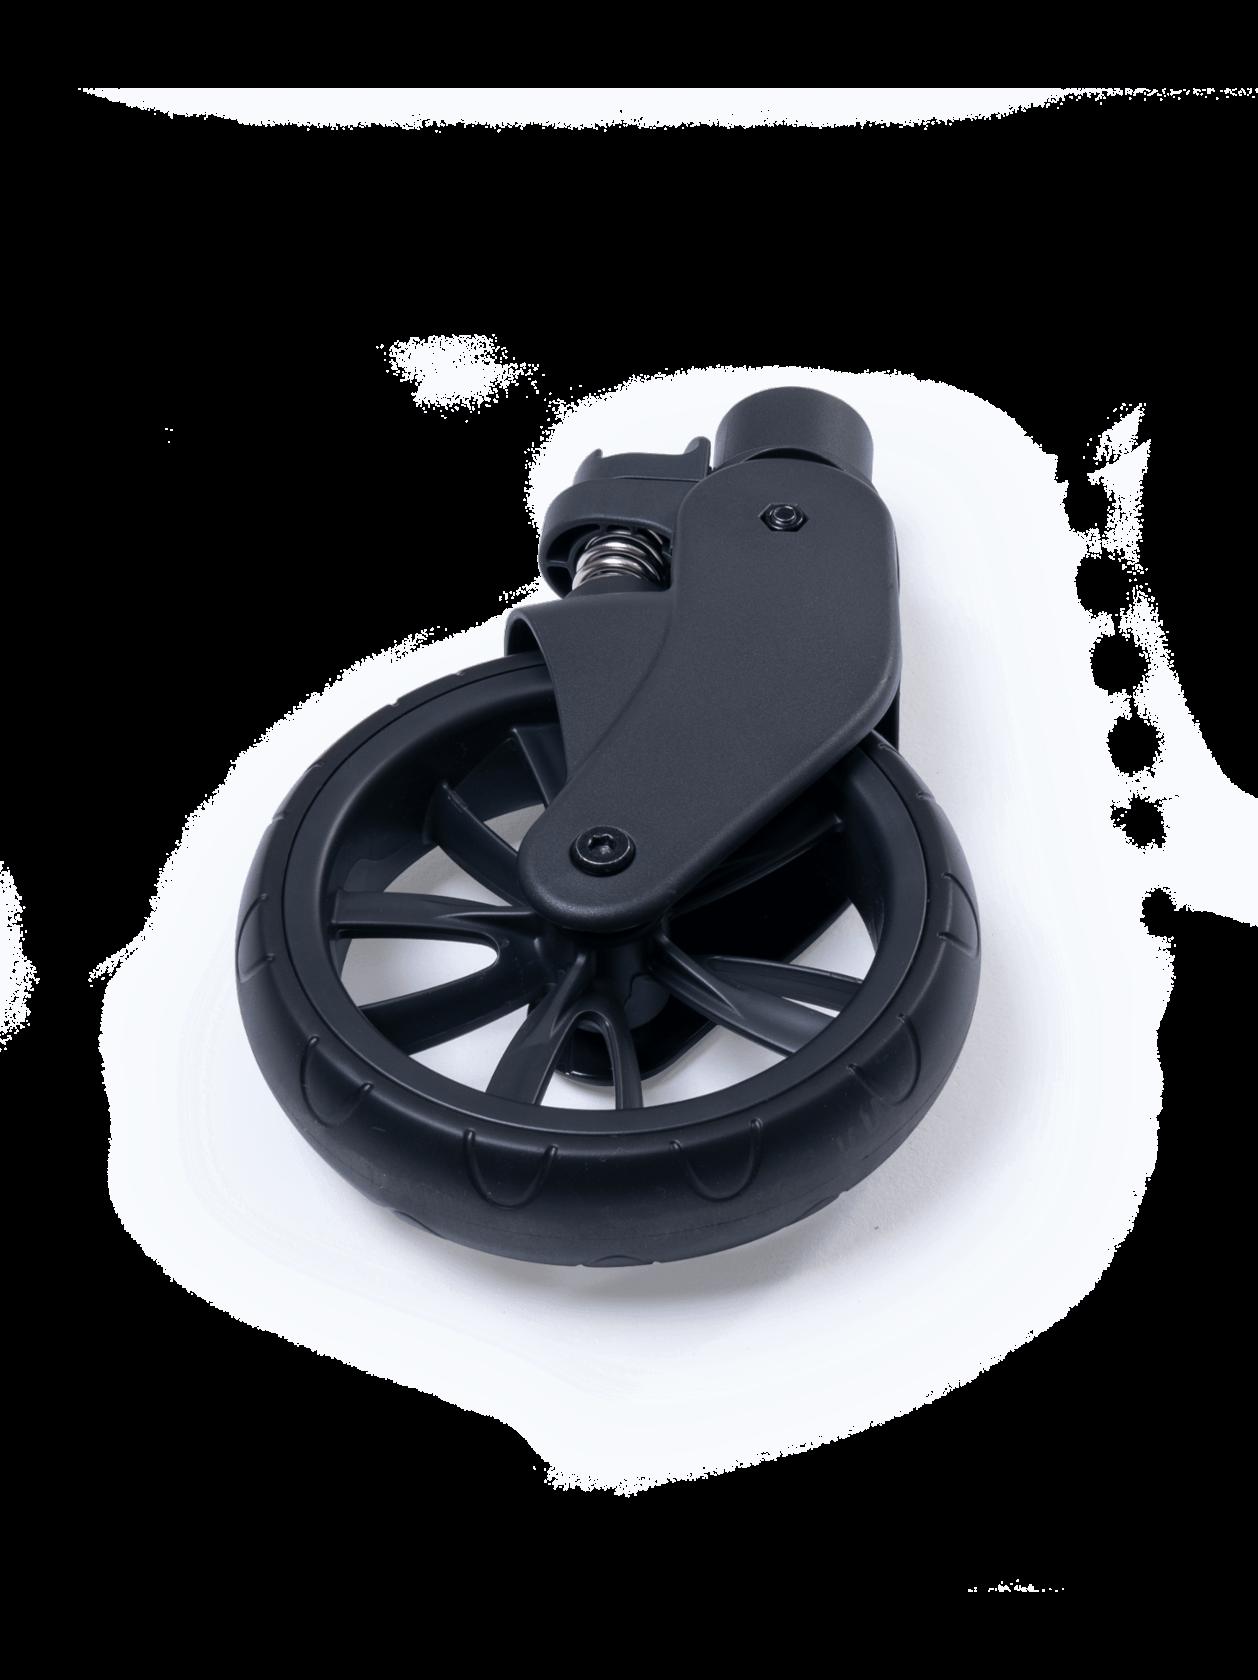 Lime 2020 Front Wheel & Fork (L)